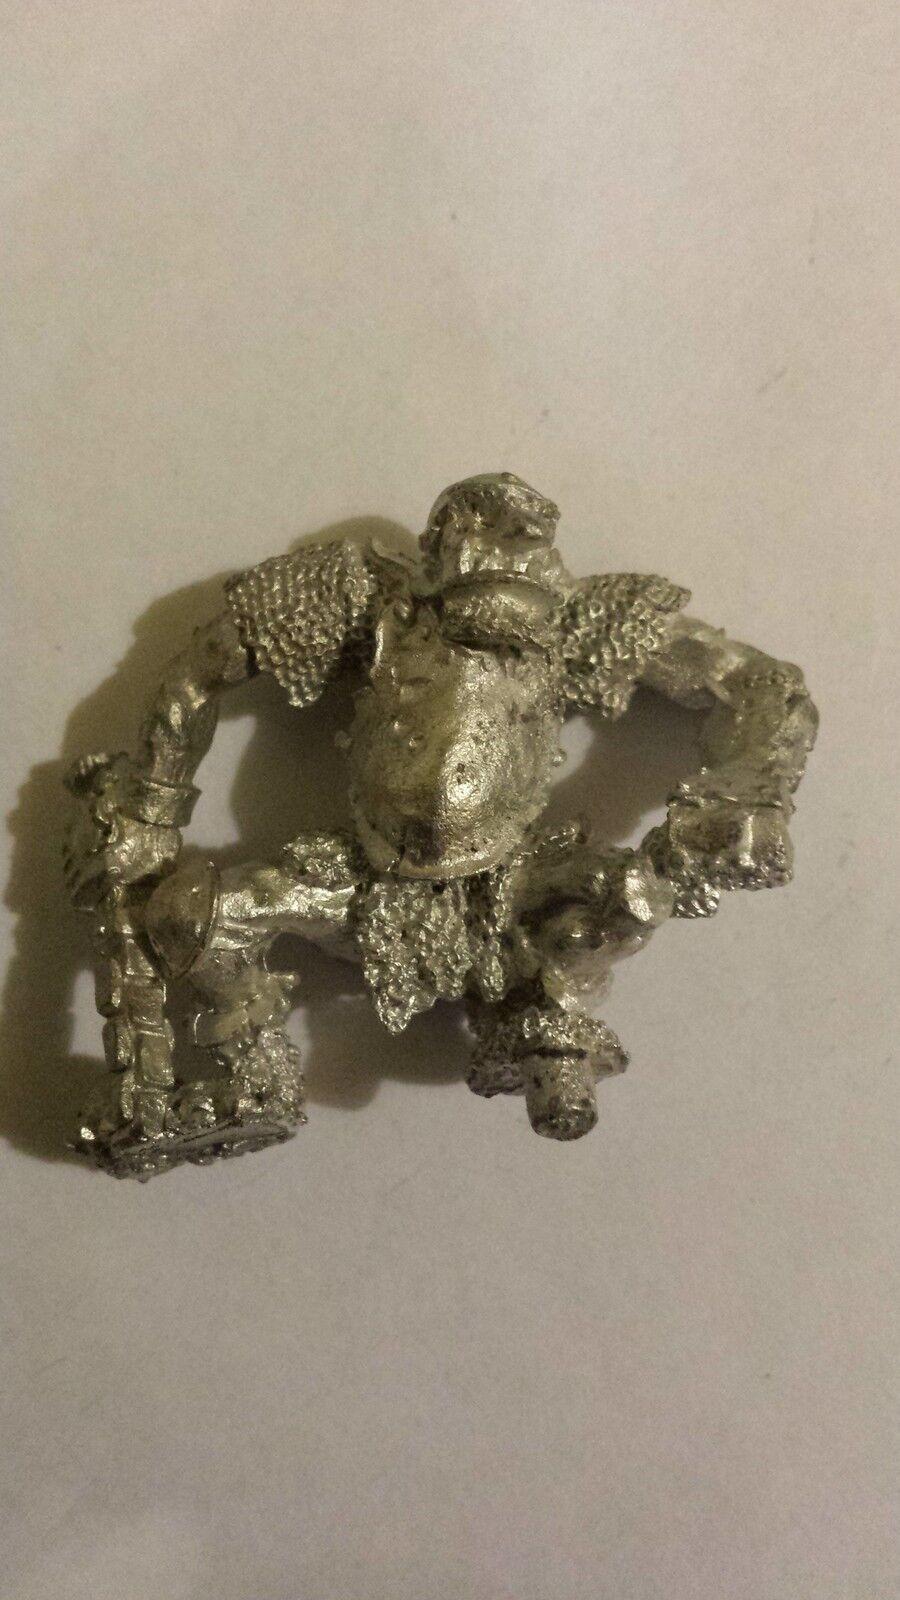 Warhammer Ogre -  Metal - Stripped - OOP - Rare